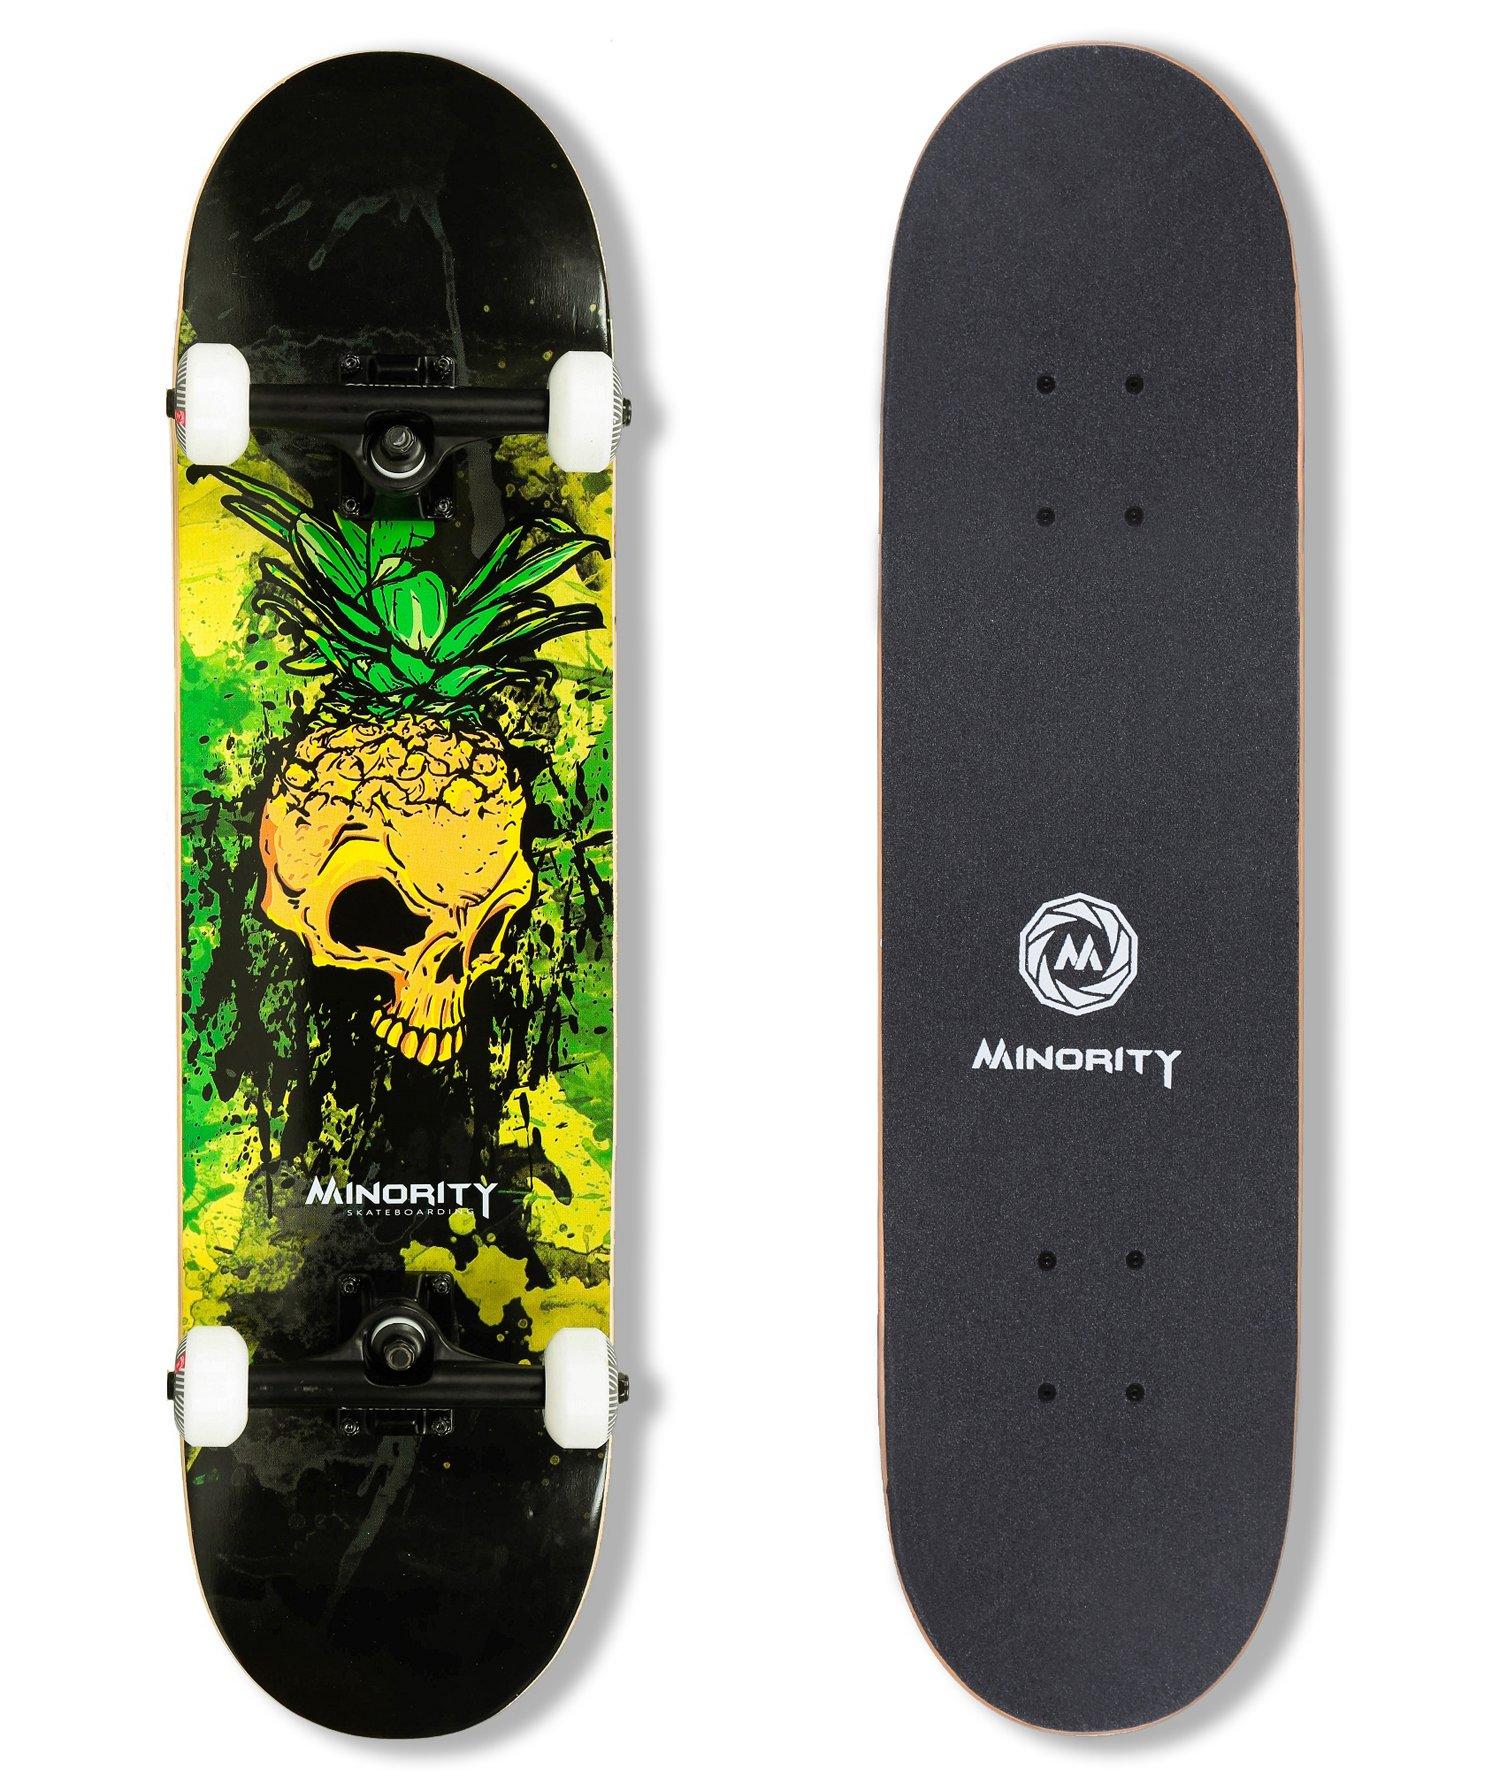 MINORITY 32inch Maple Skateboard (Pineskull) by MINORITY